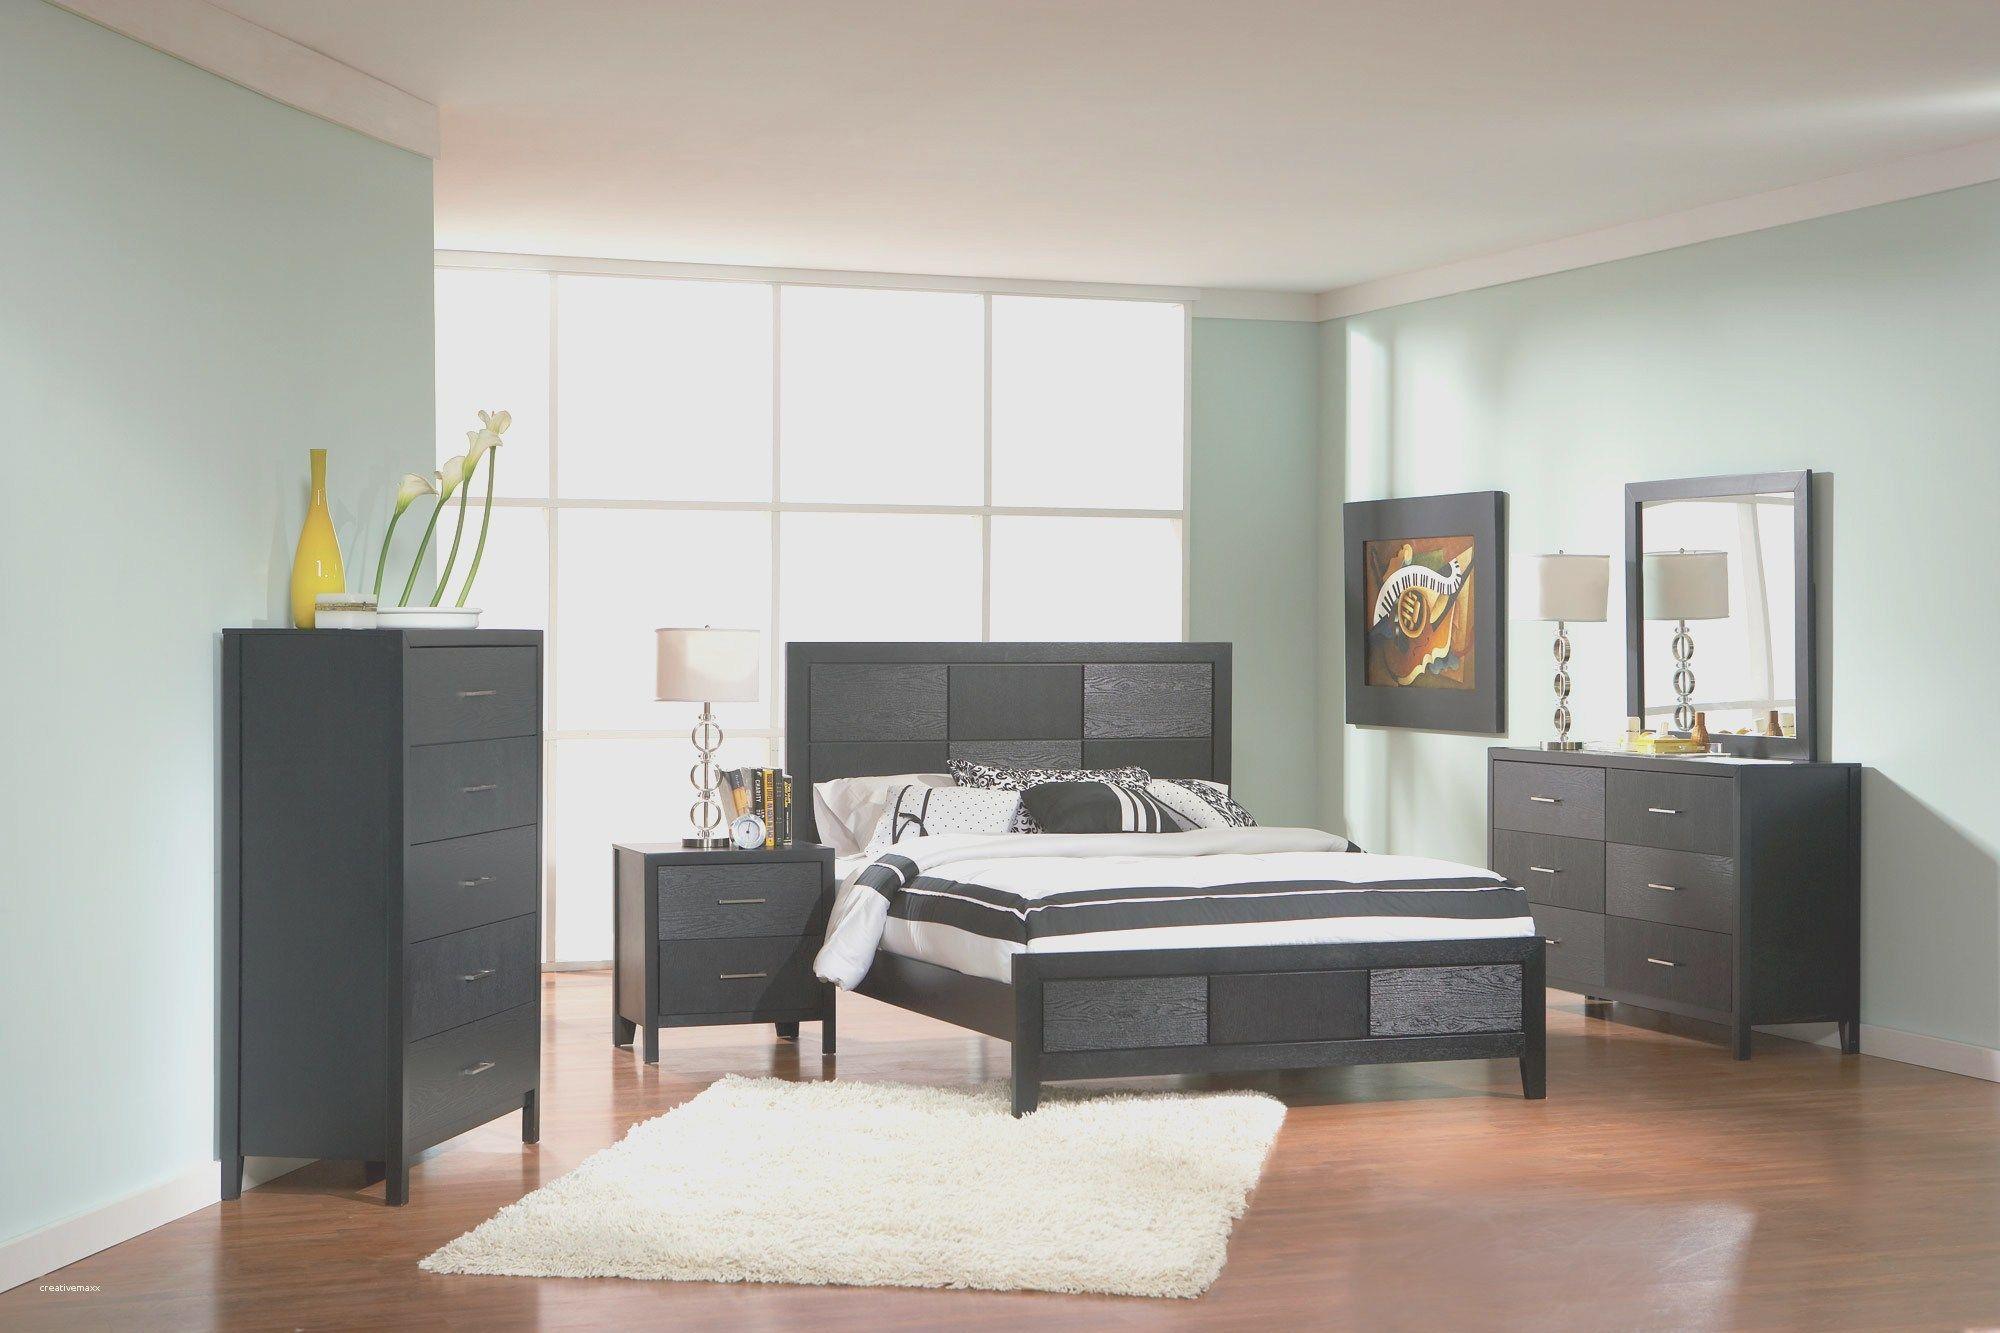 Master bedroom king size bed designs  Fresh Rustic Scandinavian Bedroom with  Photo Ideas  Scandinavian